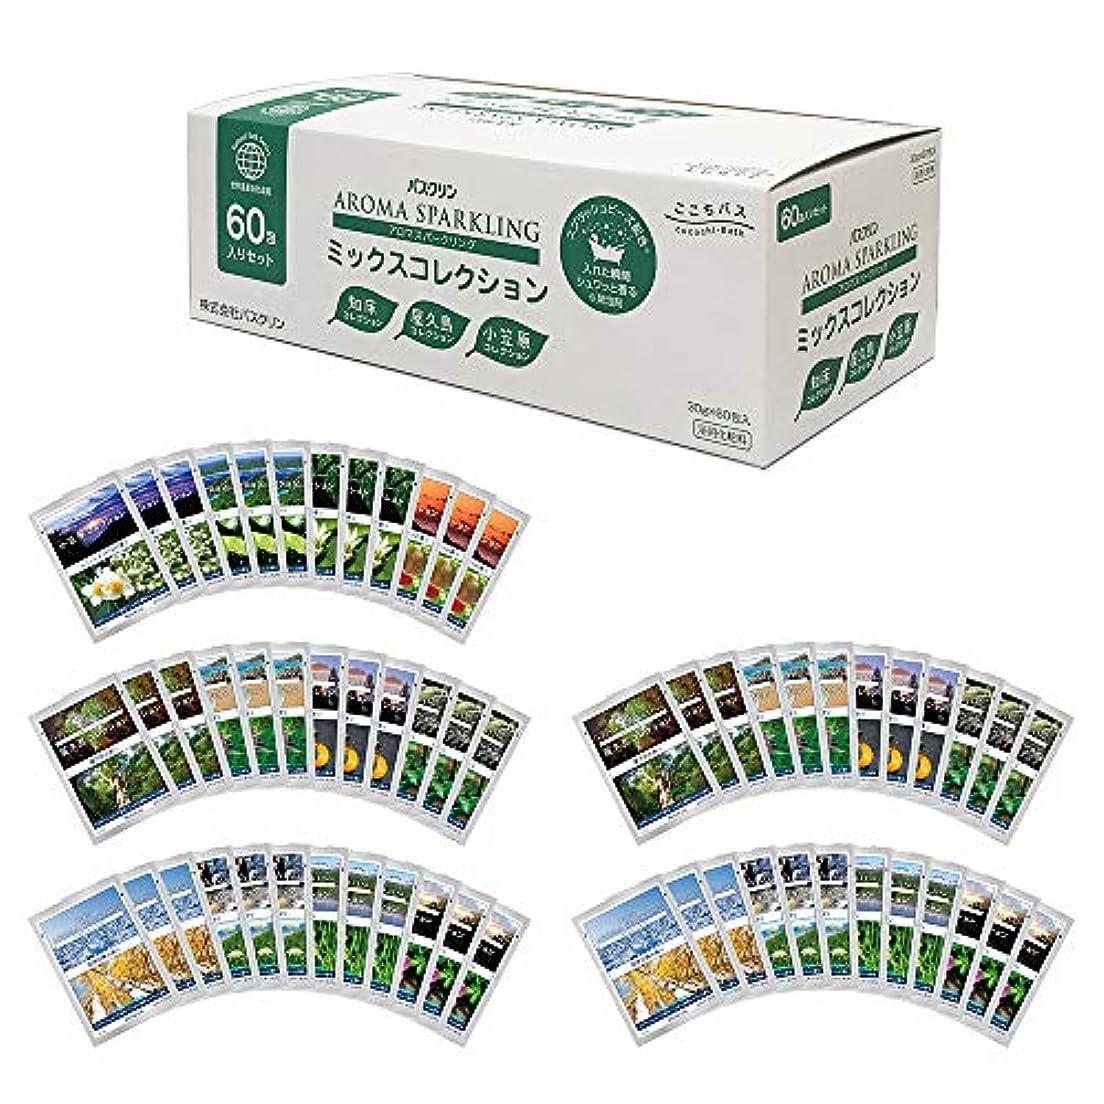 不安祈る暗くする[Amazon限定ブランド] ここちバス バスクリン 入浴剤  アロマスパークリング ミックスコレクション 60包入り 個包装 詰め合わせ